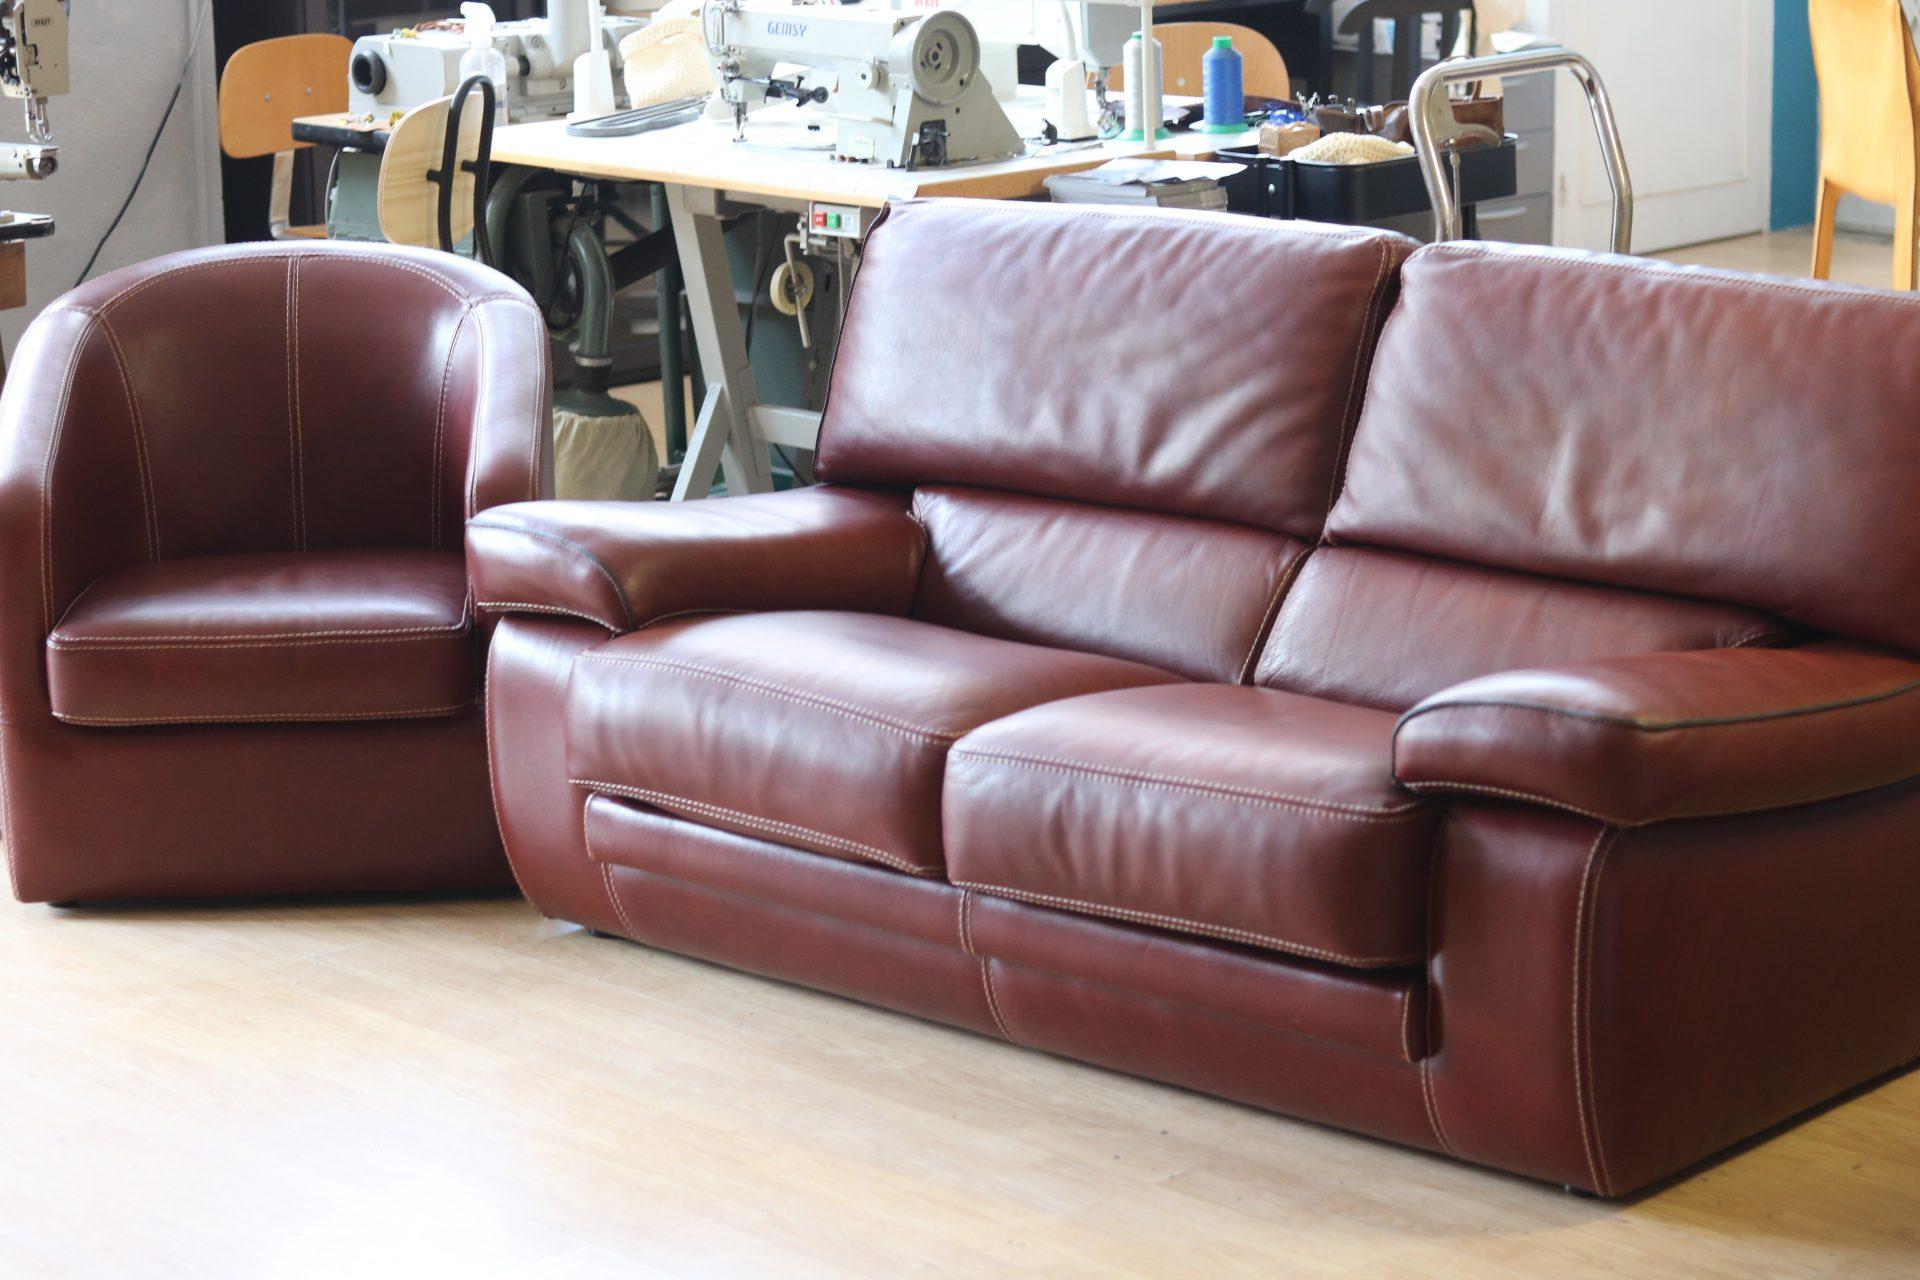 Cuir De Vachette C Est Quoi quelques astuces pour choisir un canapé en cuir de qualité